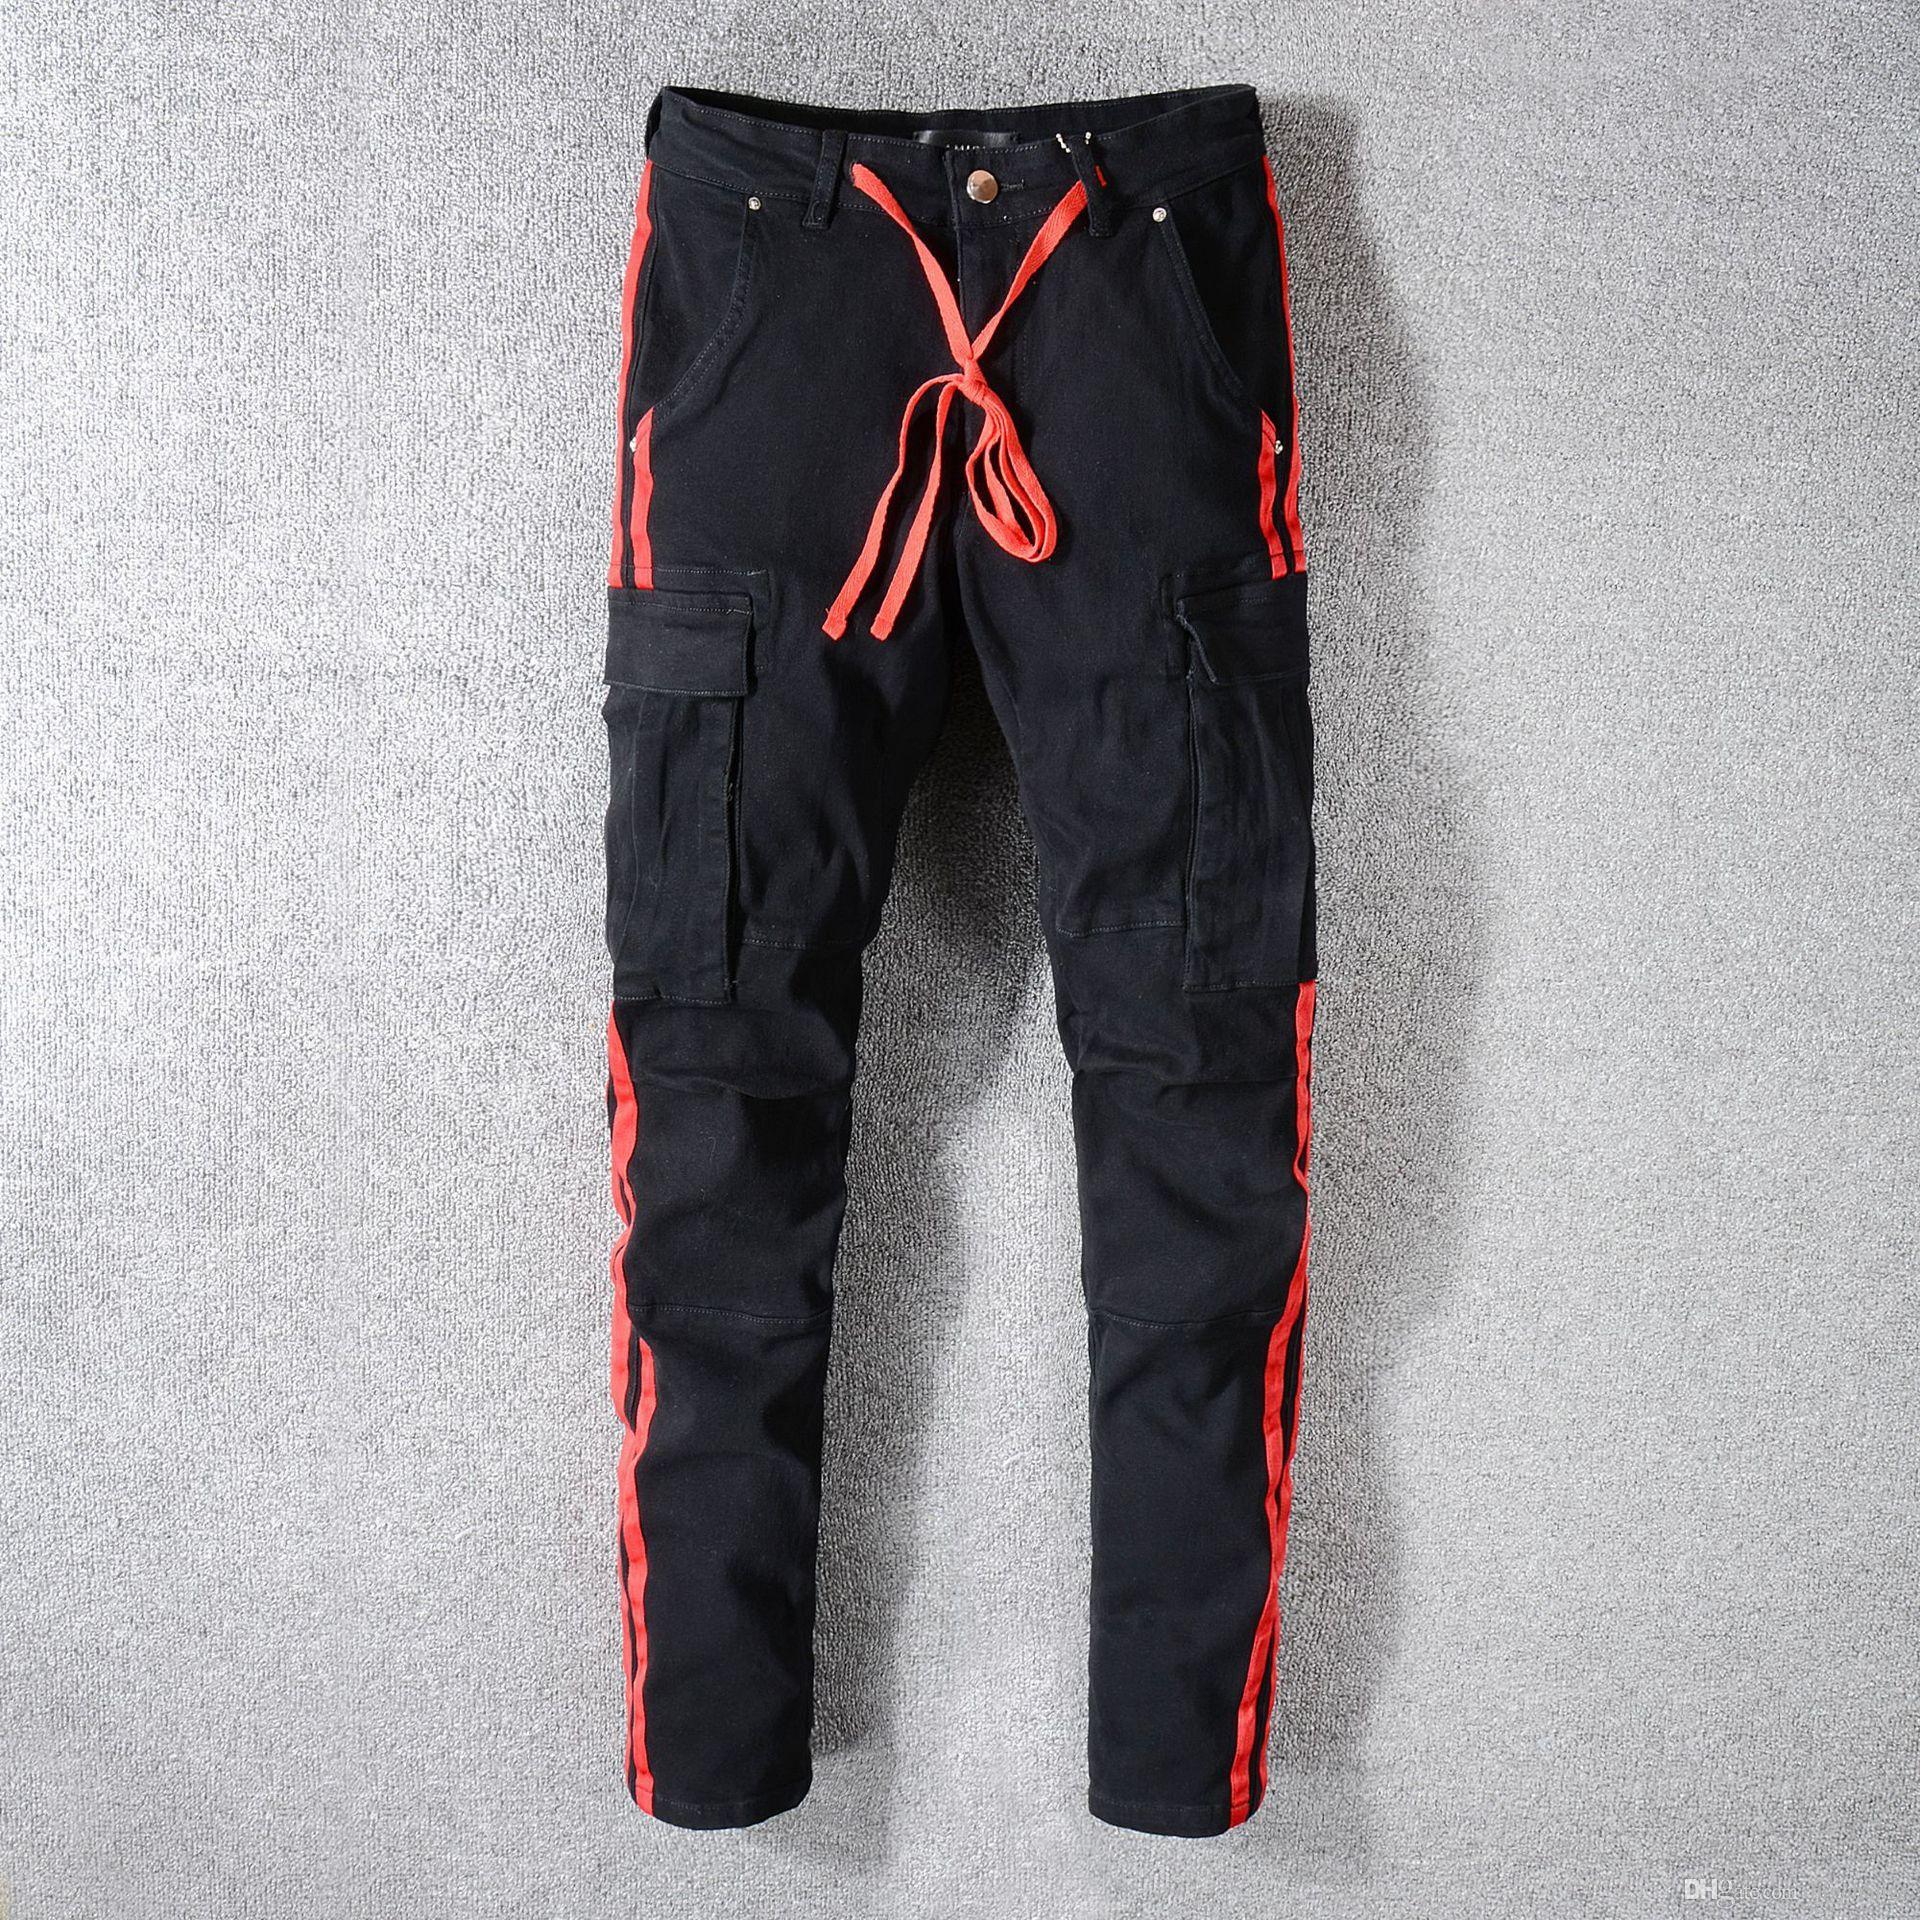 남자 블랙 청바지 슬림 바지 바지 패션 캐주얼 브랜드 지퍼 스트랩 대비 디자인 긴밀한 긴 청바지